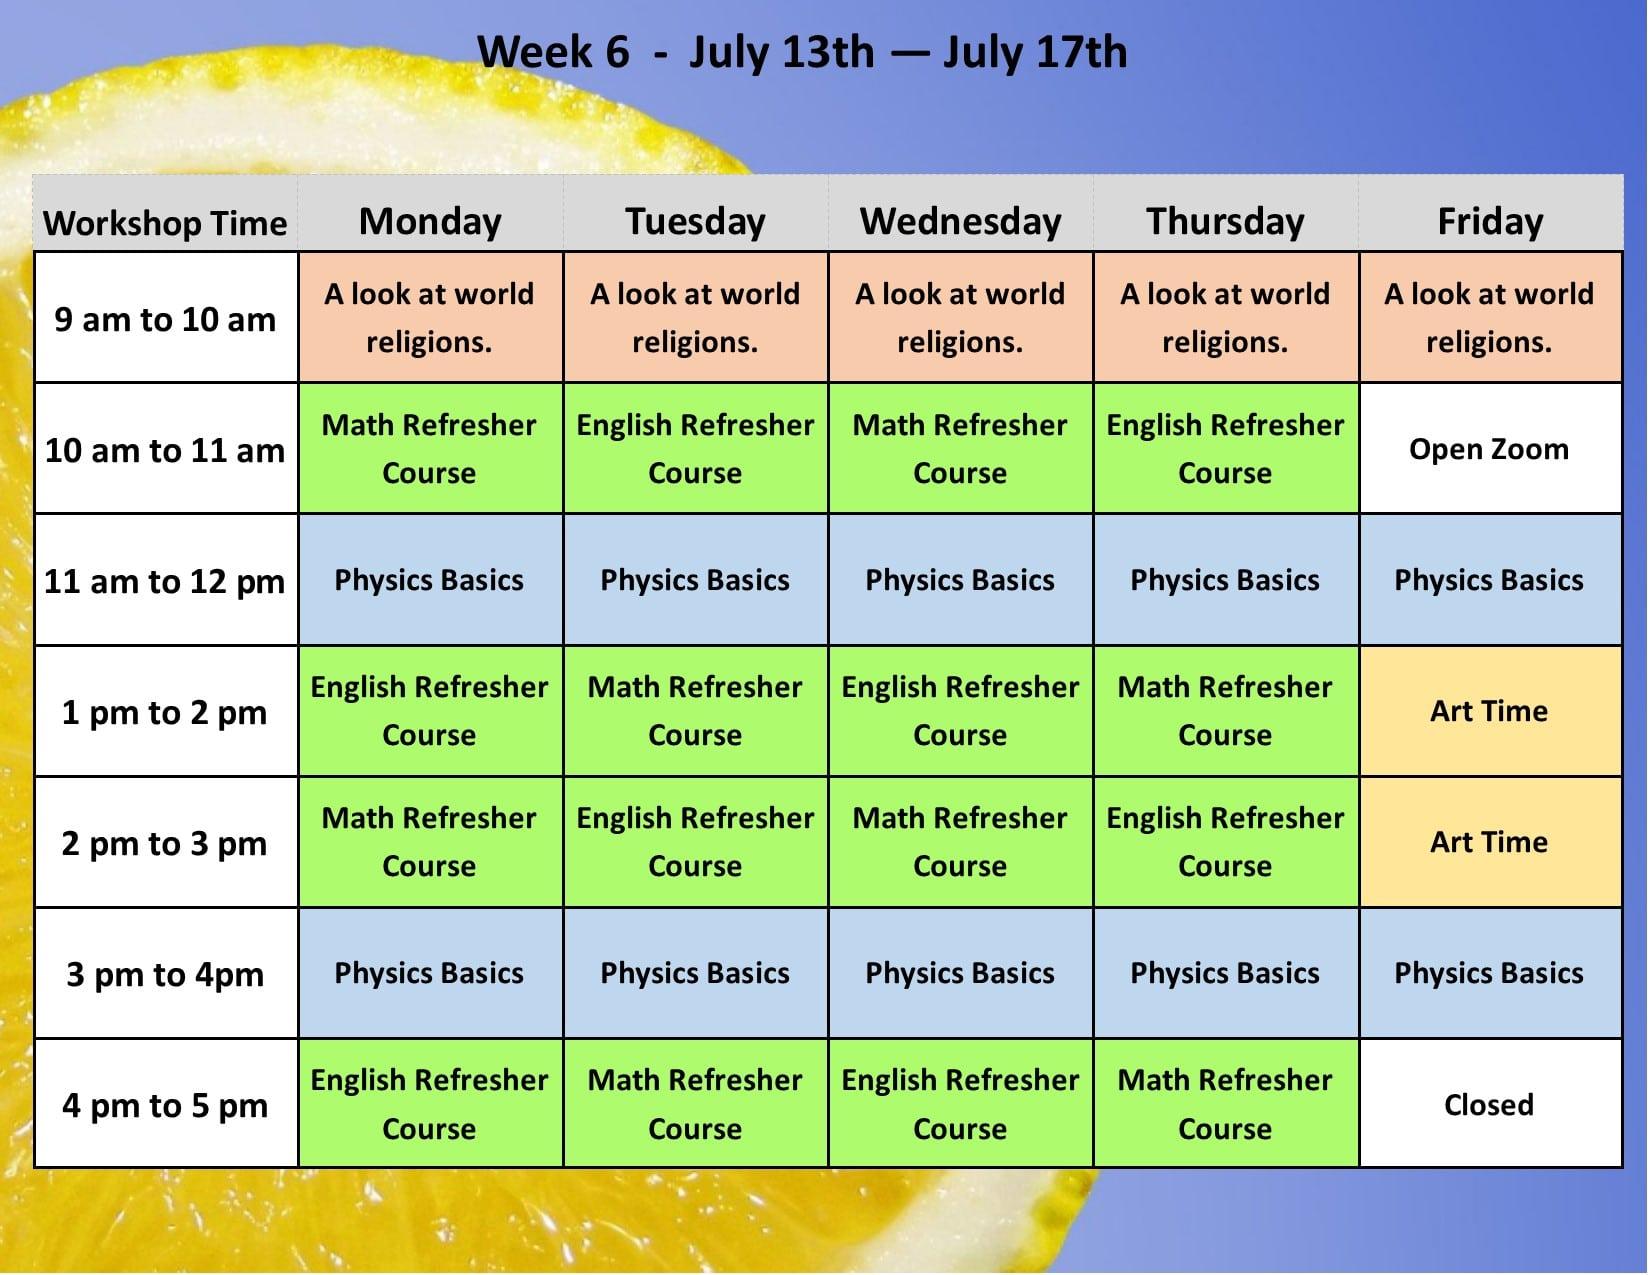 Summer Academy Year 3 Schedule 7